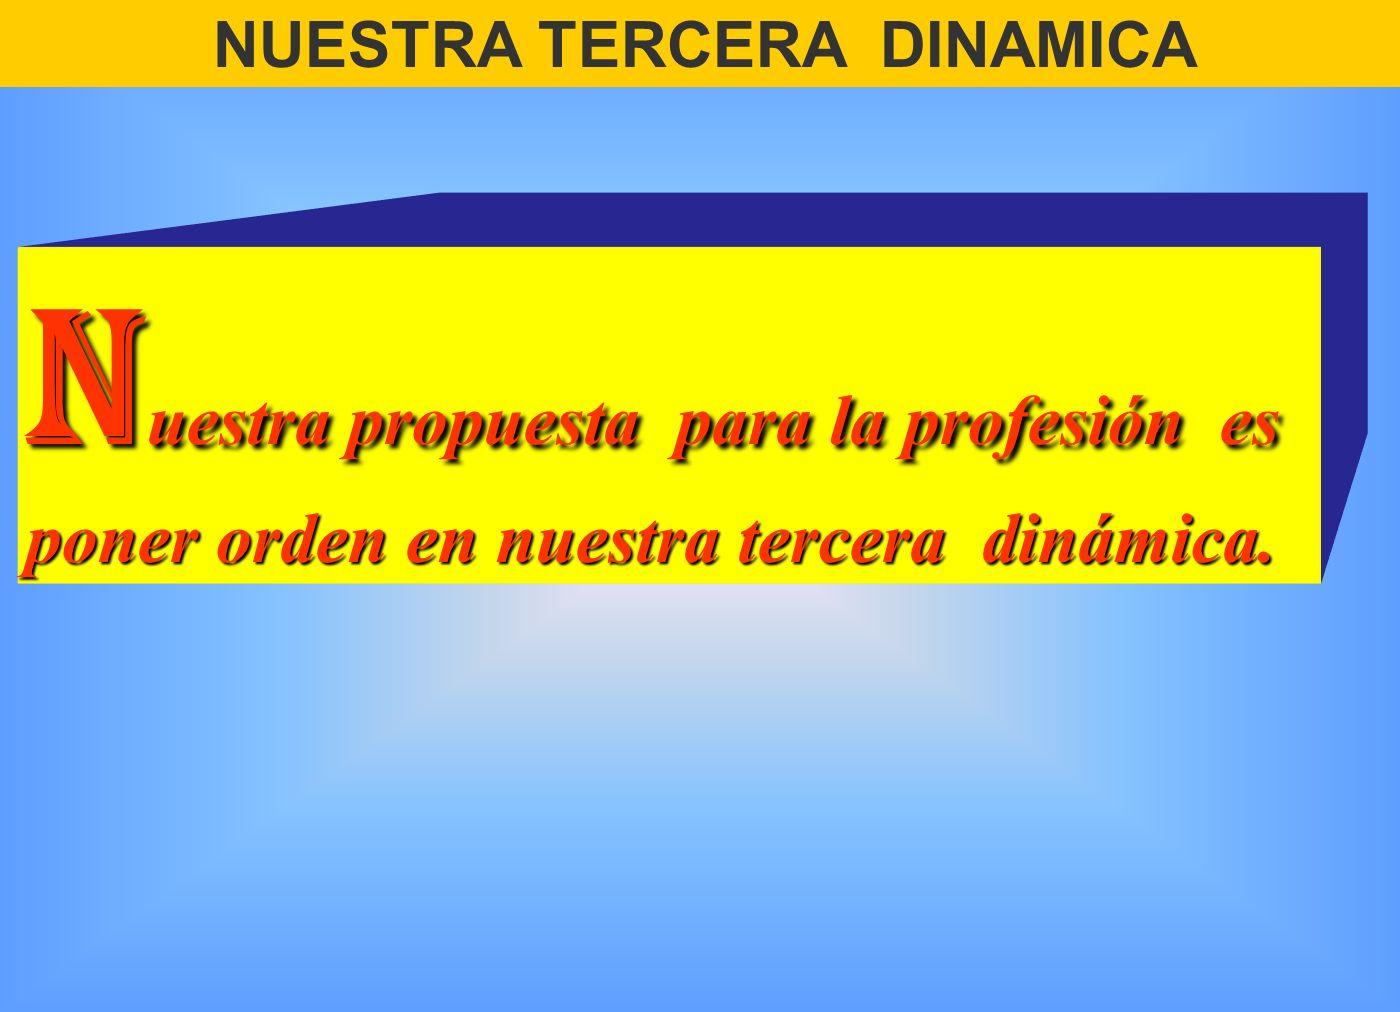 NUESTRA TERCERA DINAMICA N uestra propuesta para la profesión es poner orden en nuestra tercera dinámica.